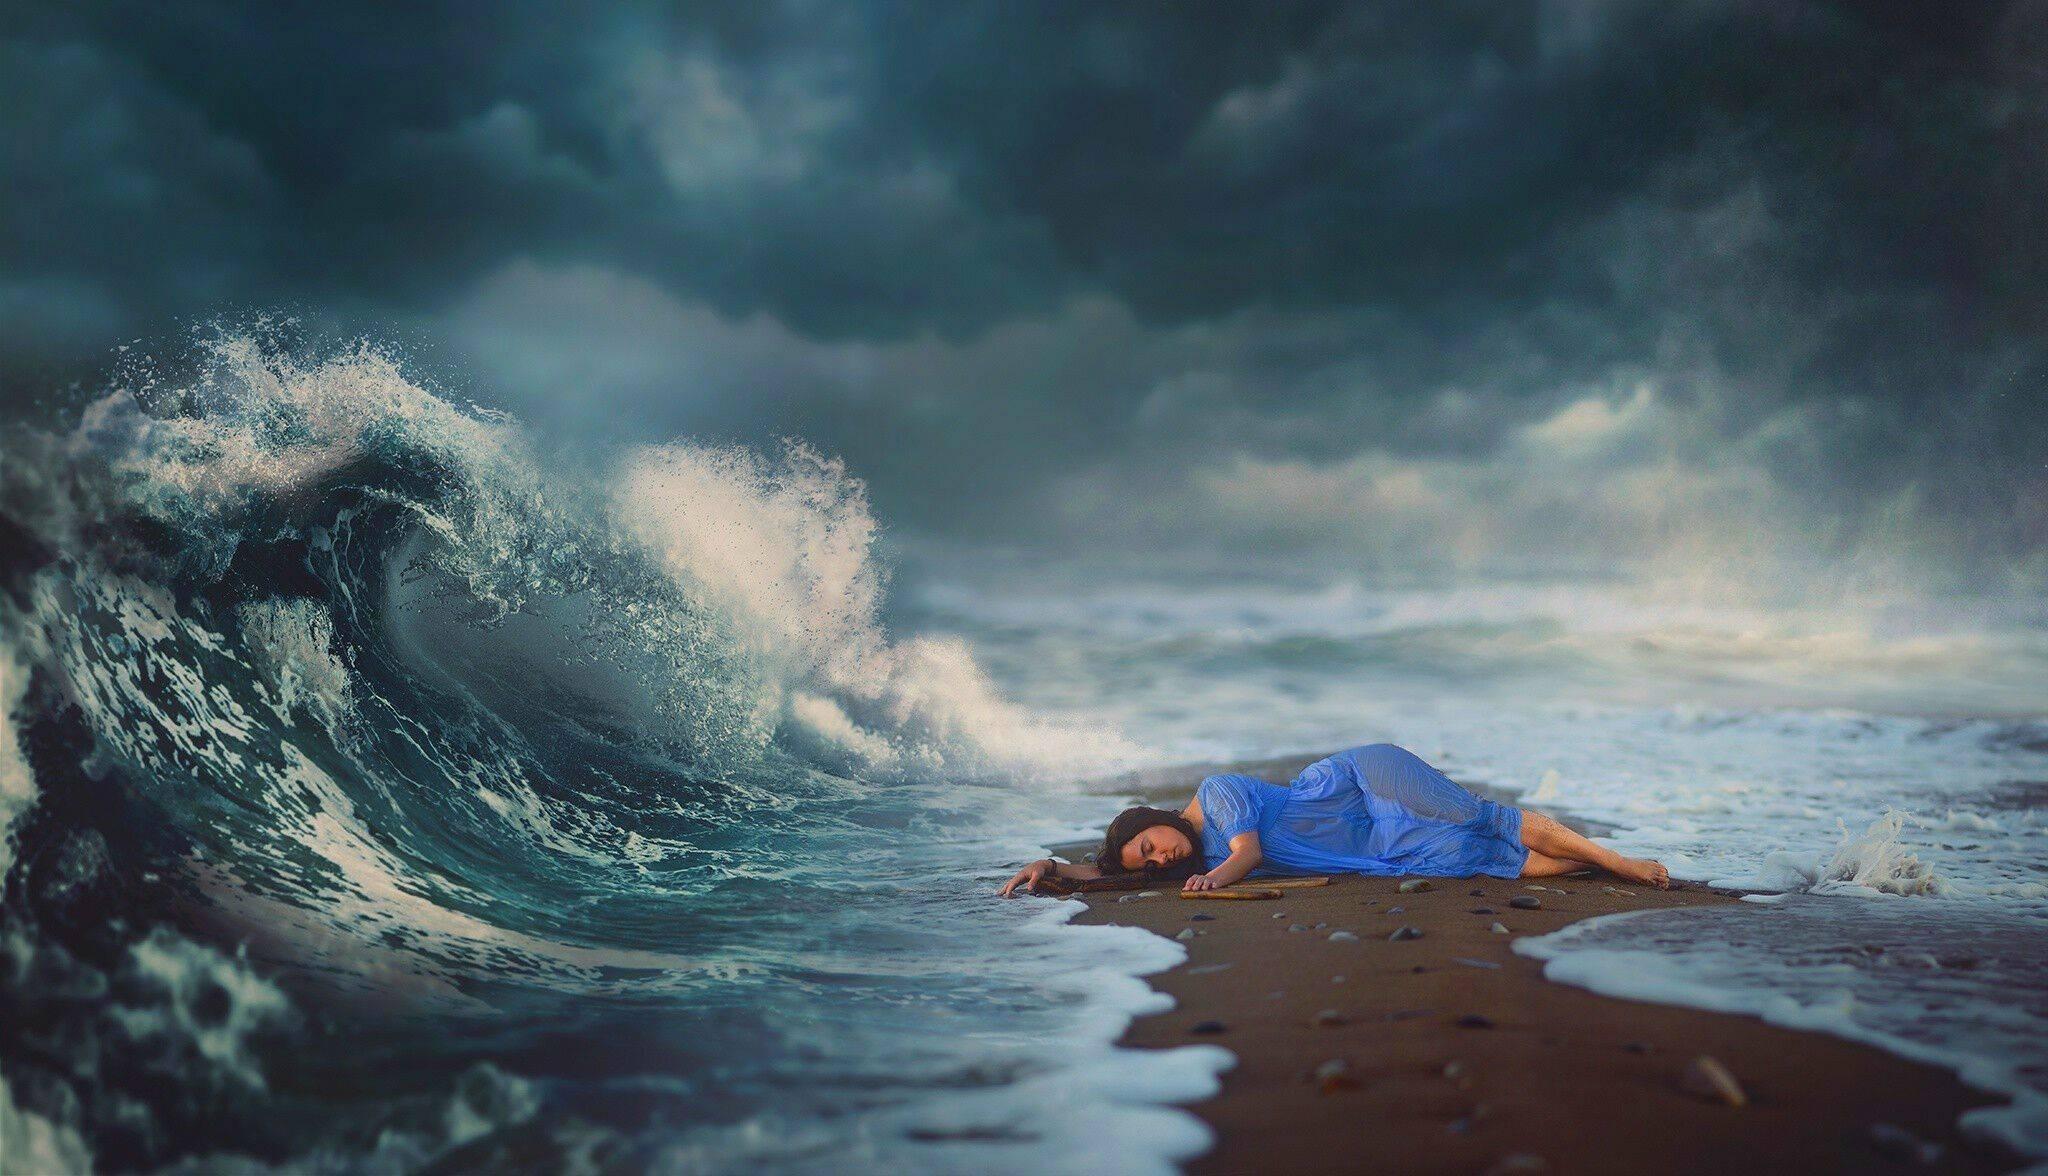 другой сон фотографии с моря женщины